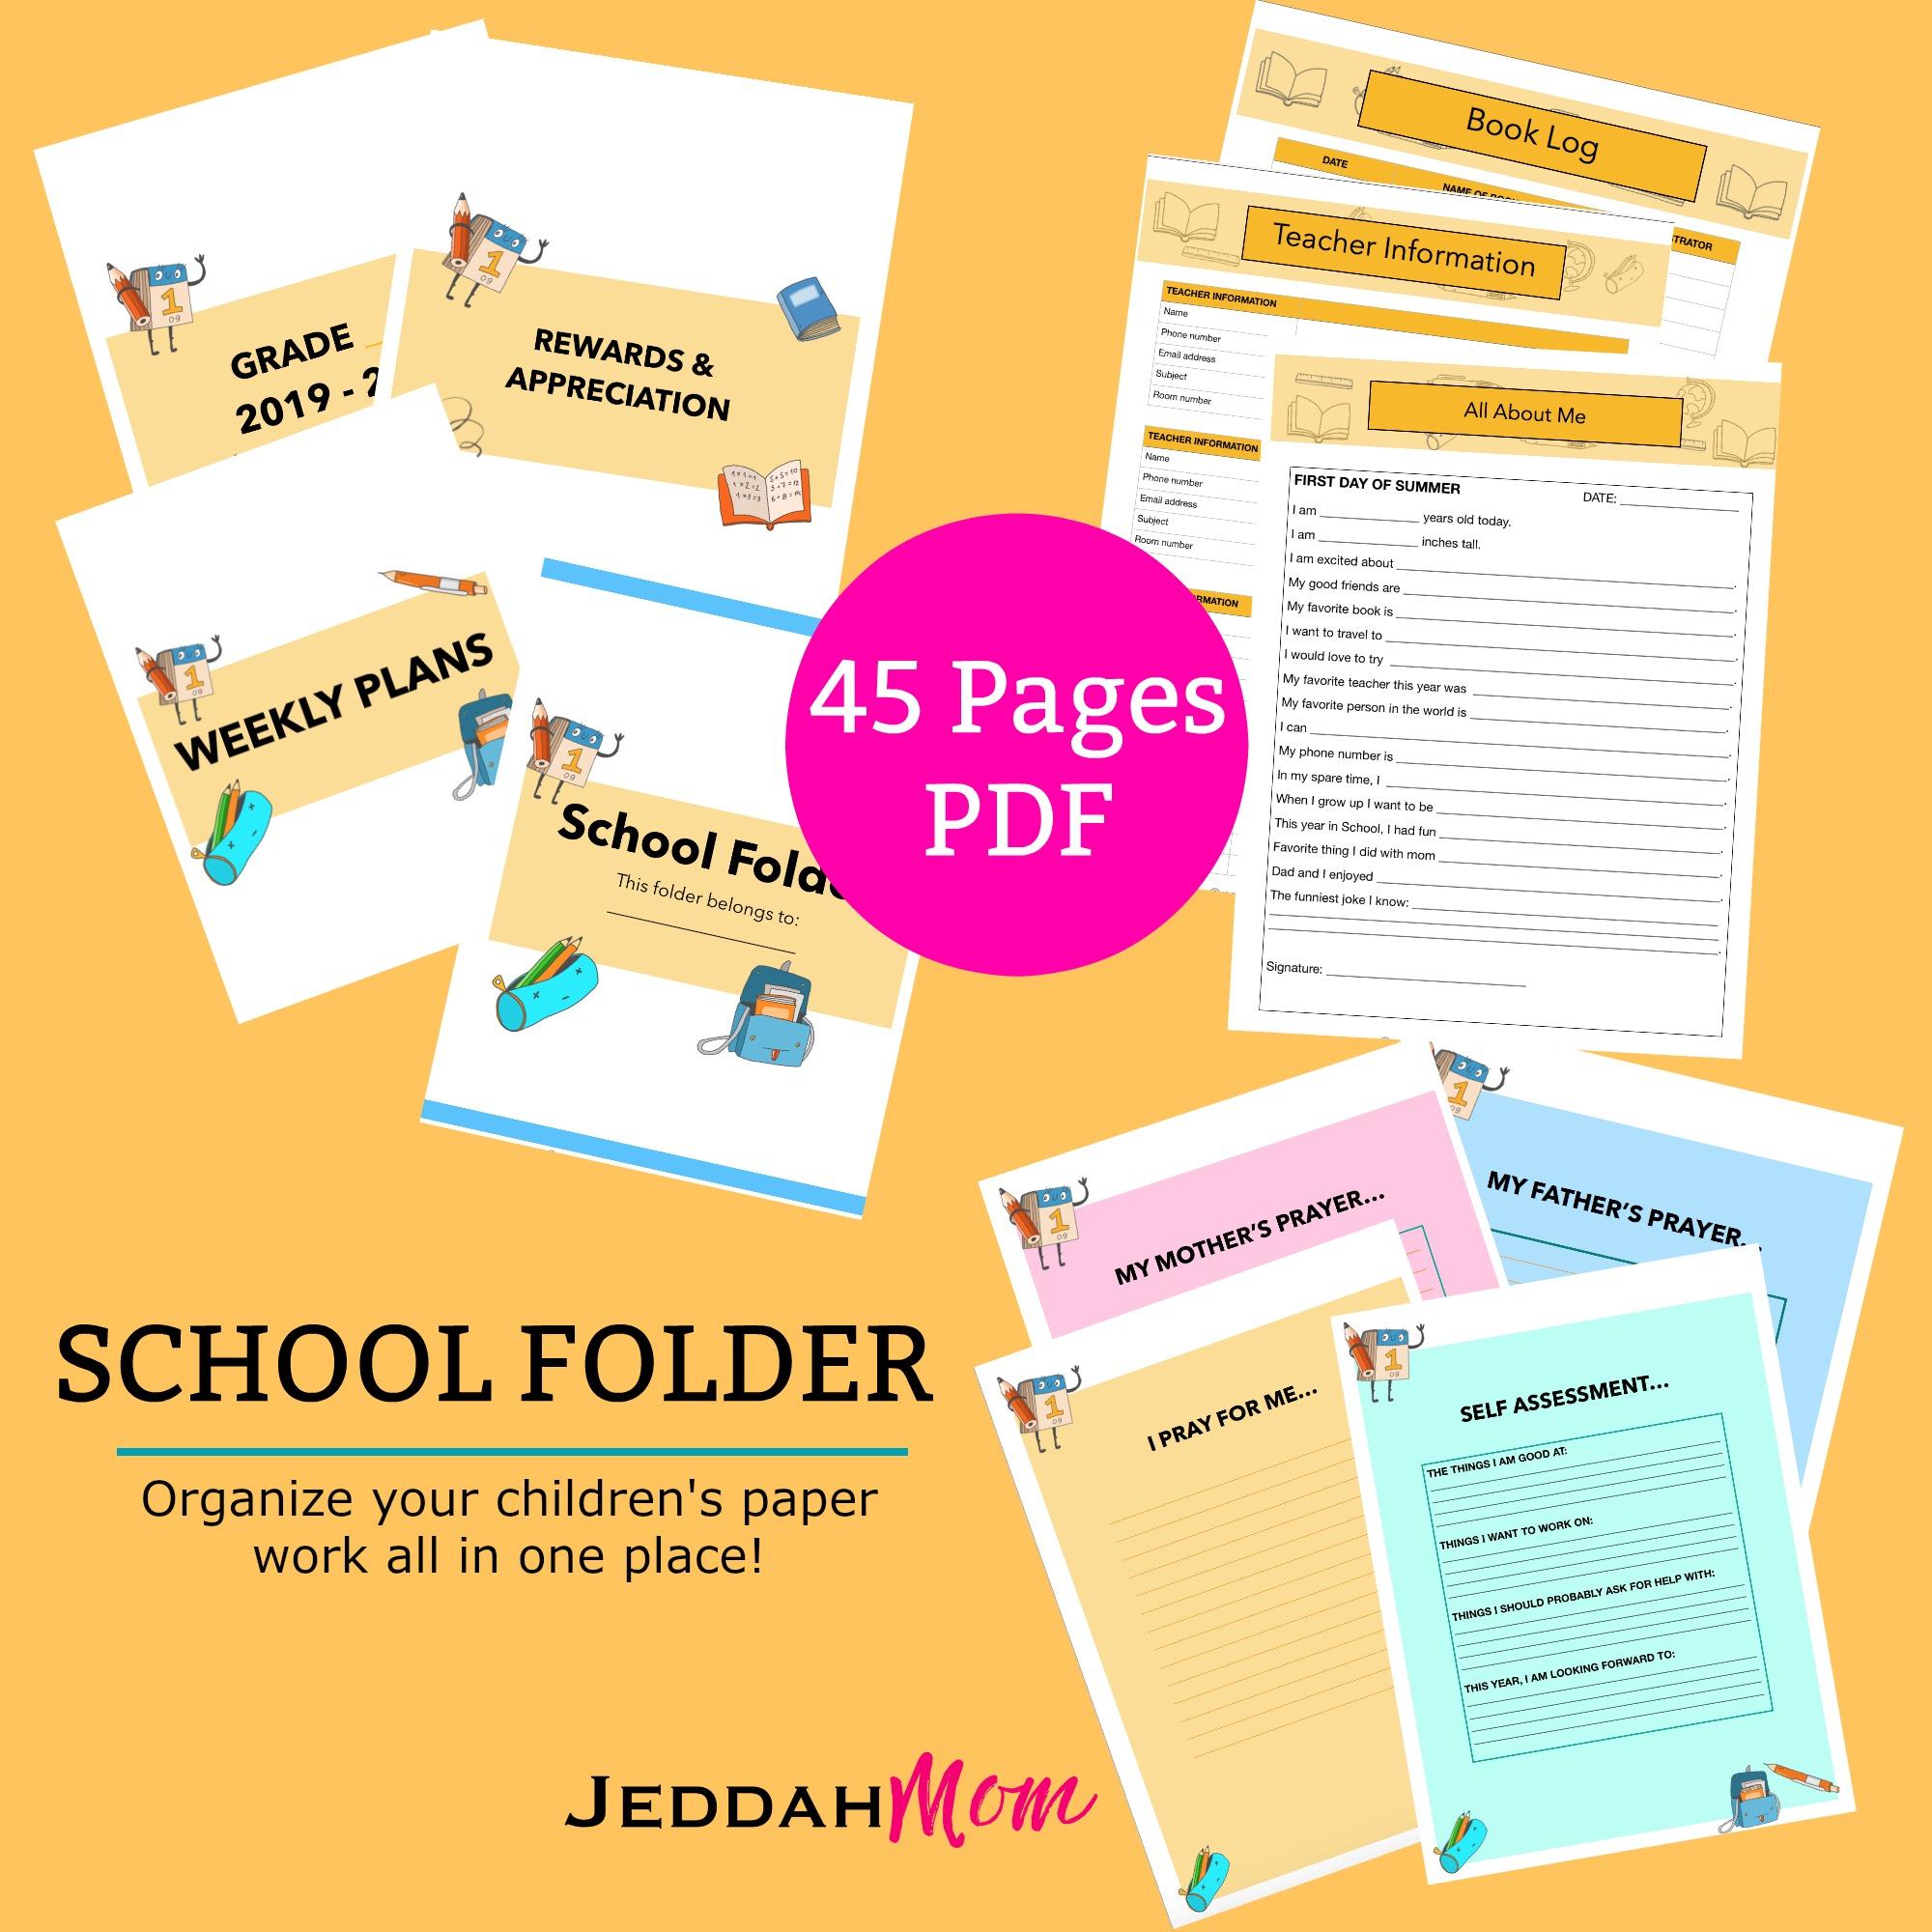 School Folder organize school paper clutter  Jeddah Mom .jpg